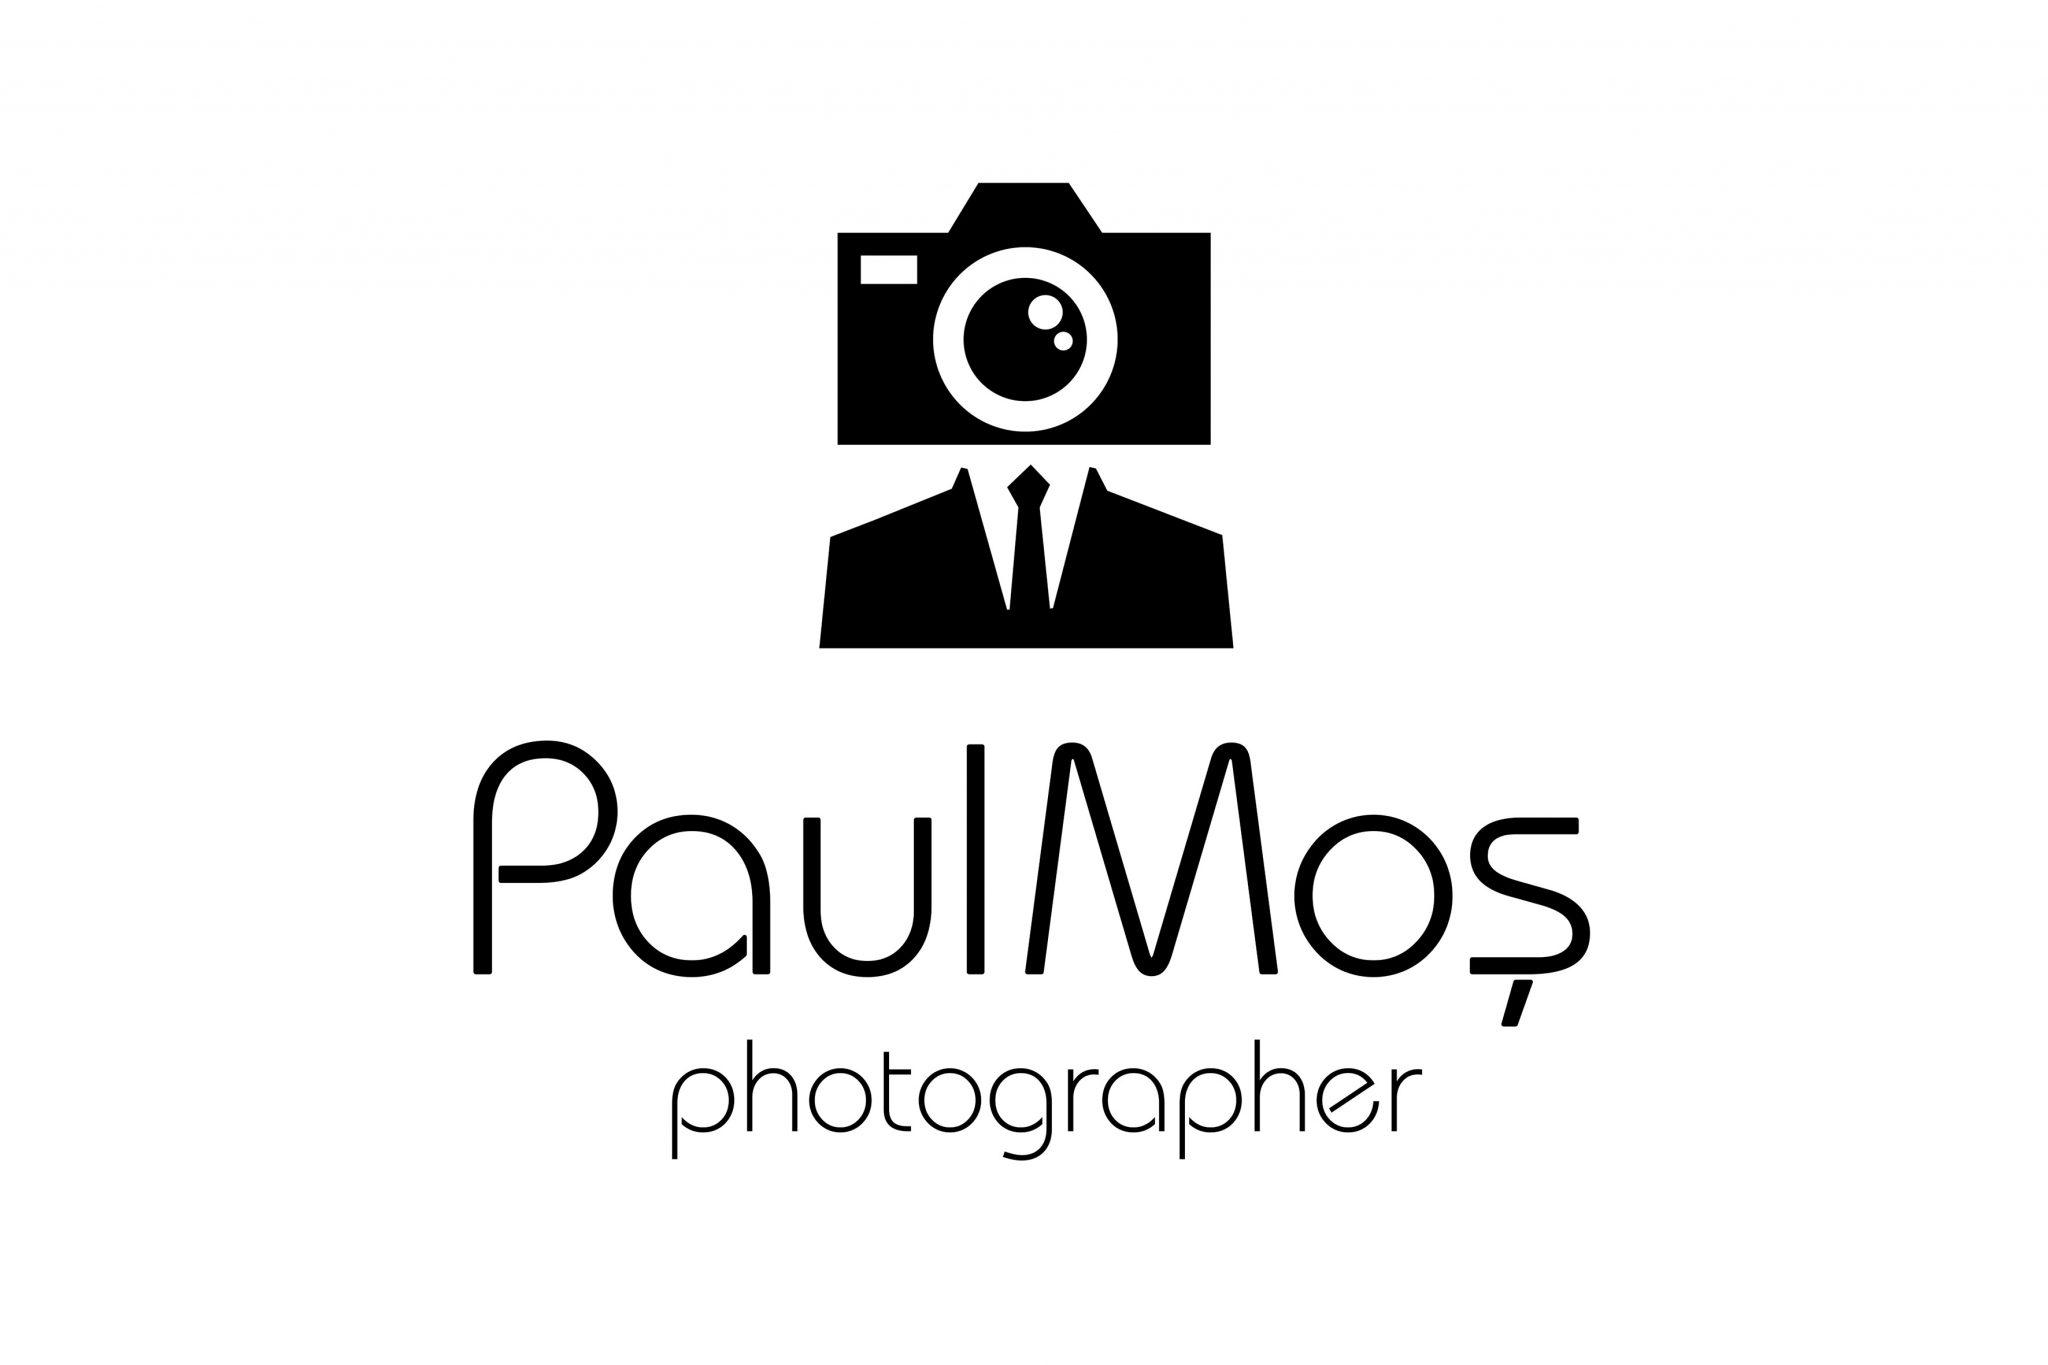 Paul Moș